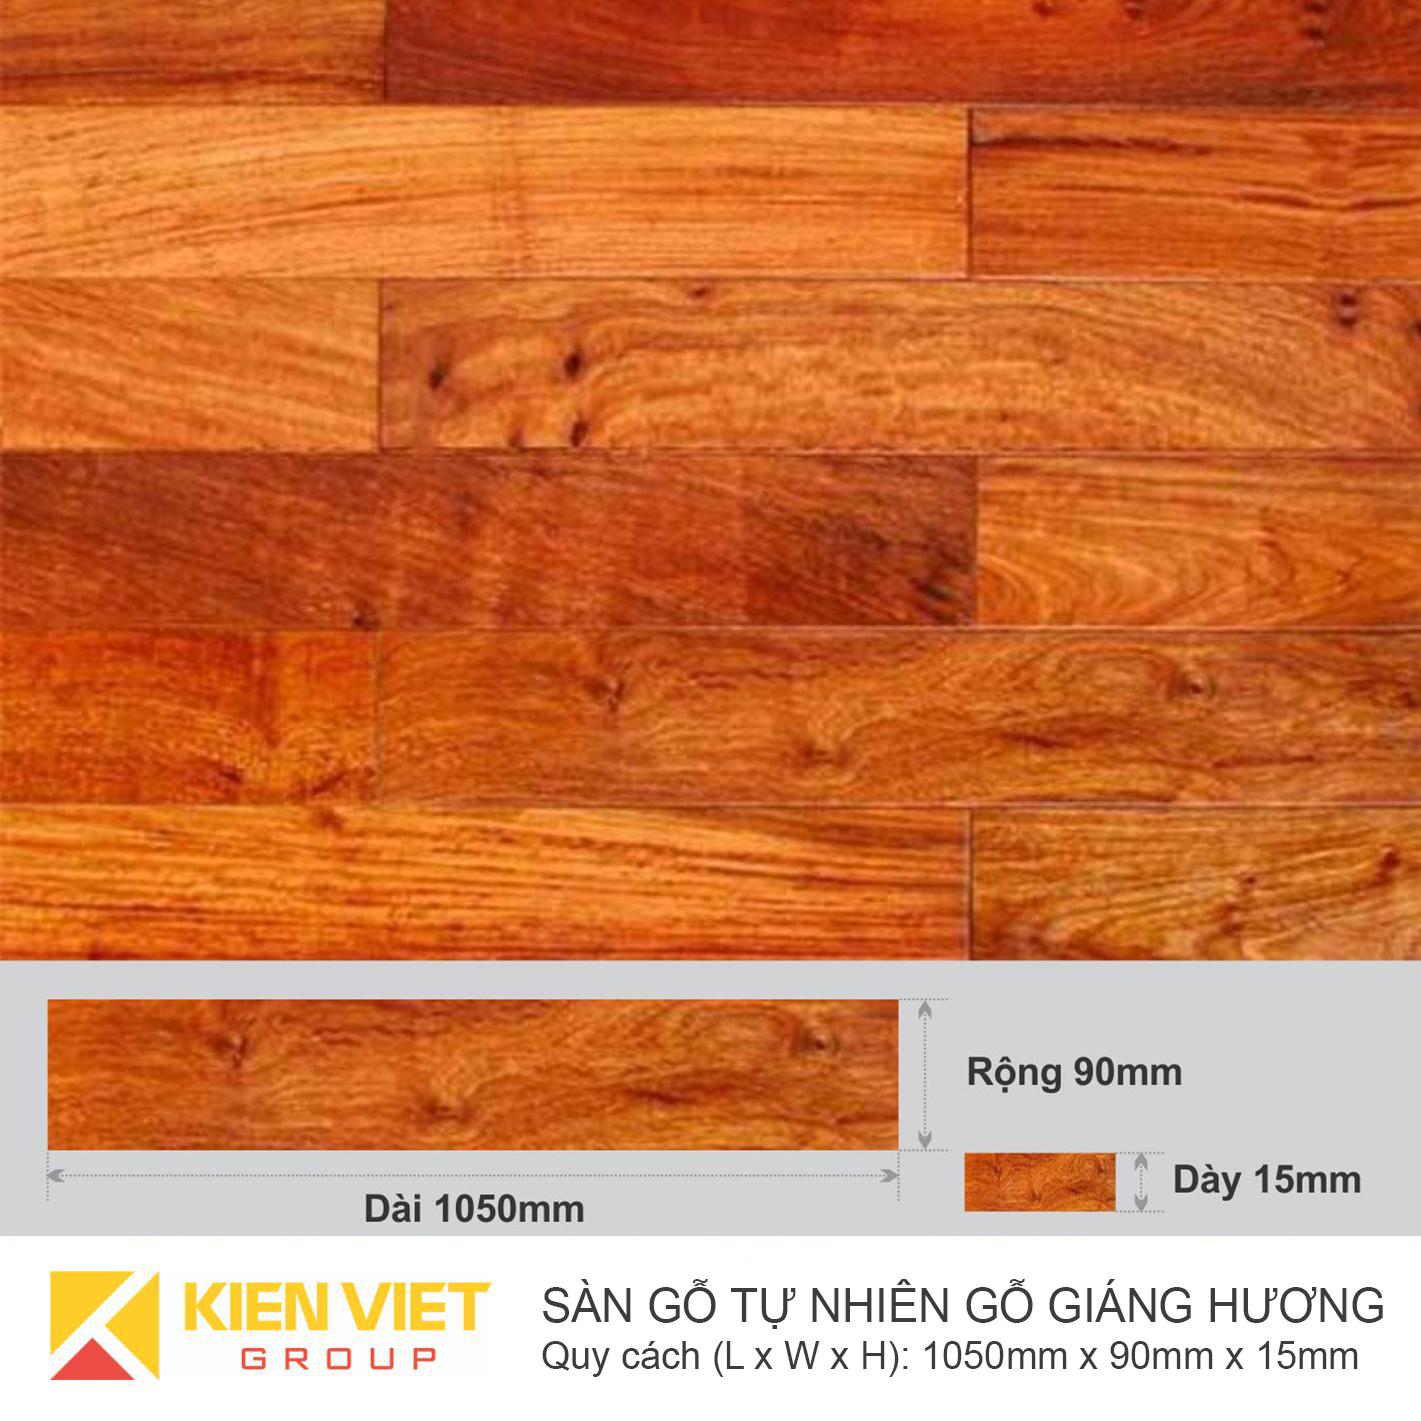 Sàn gỗ tự nhiên Giáng hương 900x15mm